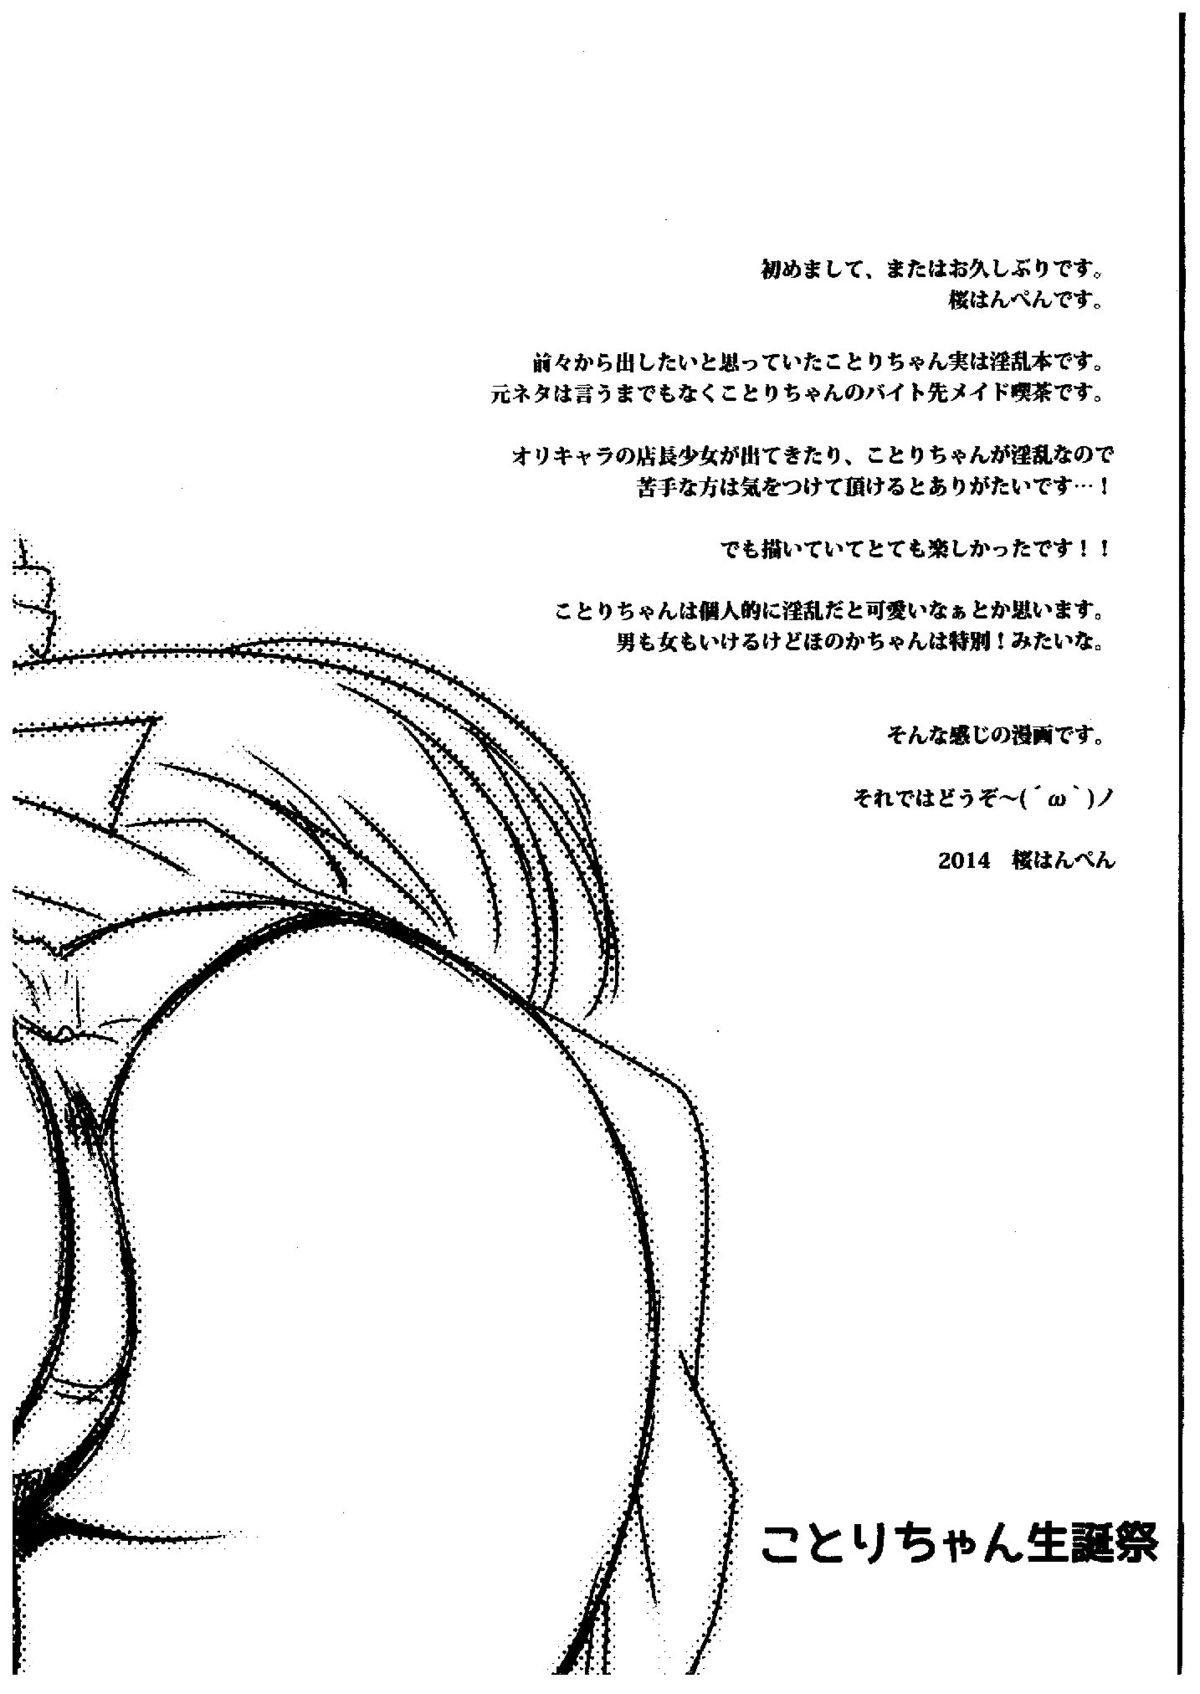 【エロ漫画】ことりちゃんが生誕祭でファンの男性に性ご奉仕しまくりで初妊娠しちゃうよwwwwwww